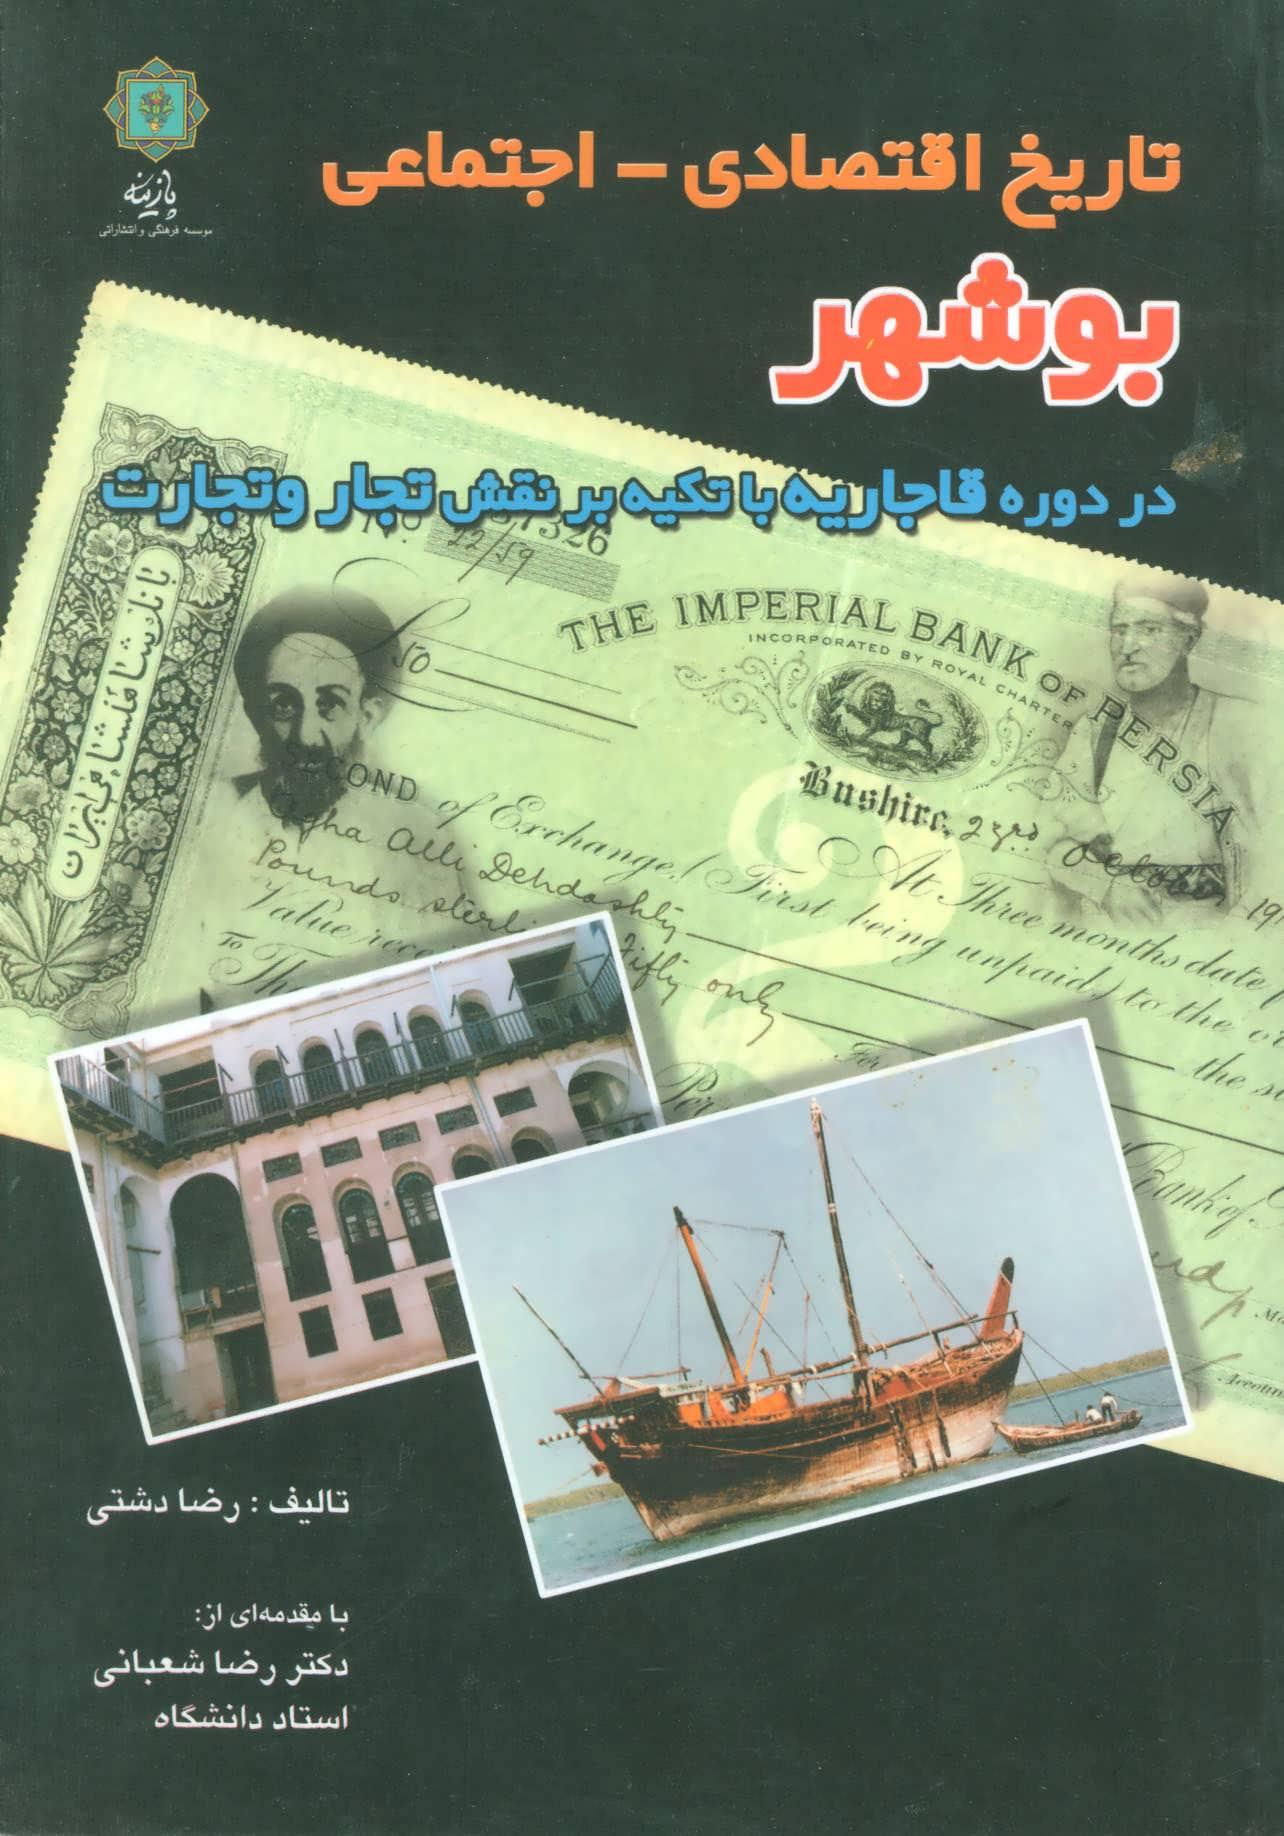 تاريخ اقتصادي-اجتماعي بوشهر (در دوره قاجاريه با تكيه بر نقش تجار و تجارت)